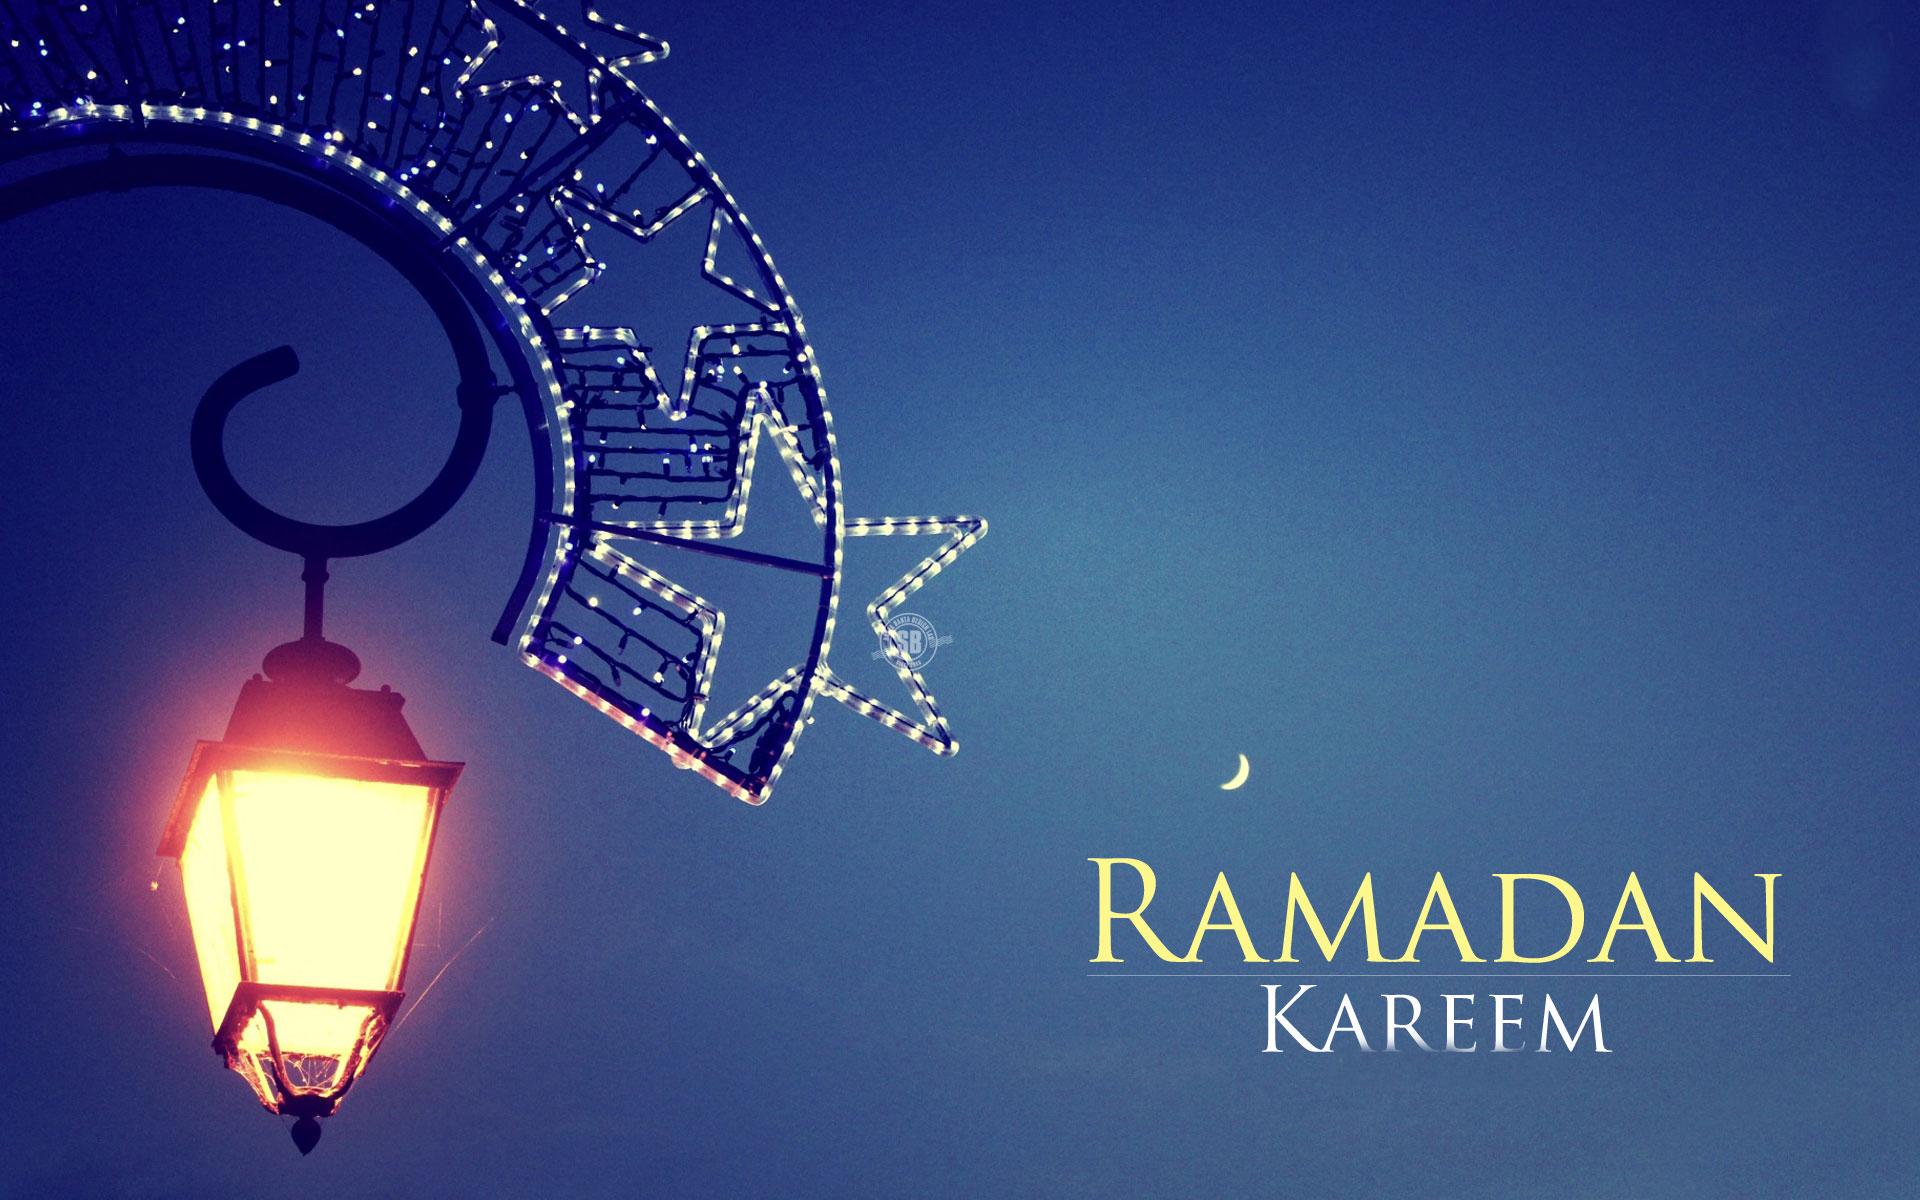 صورة خلفيات عن رمضان , غير شكل موبايلك و خليه استايل رمضانى